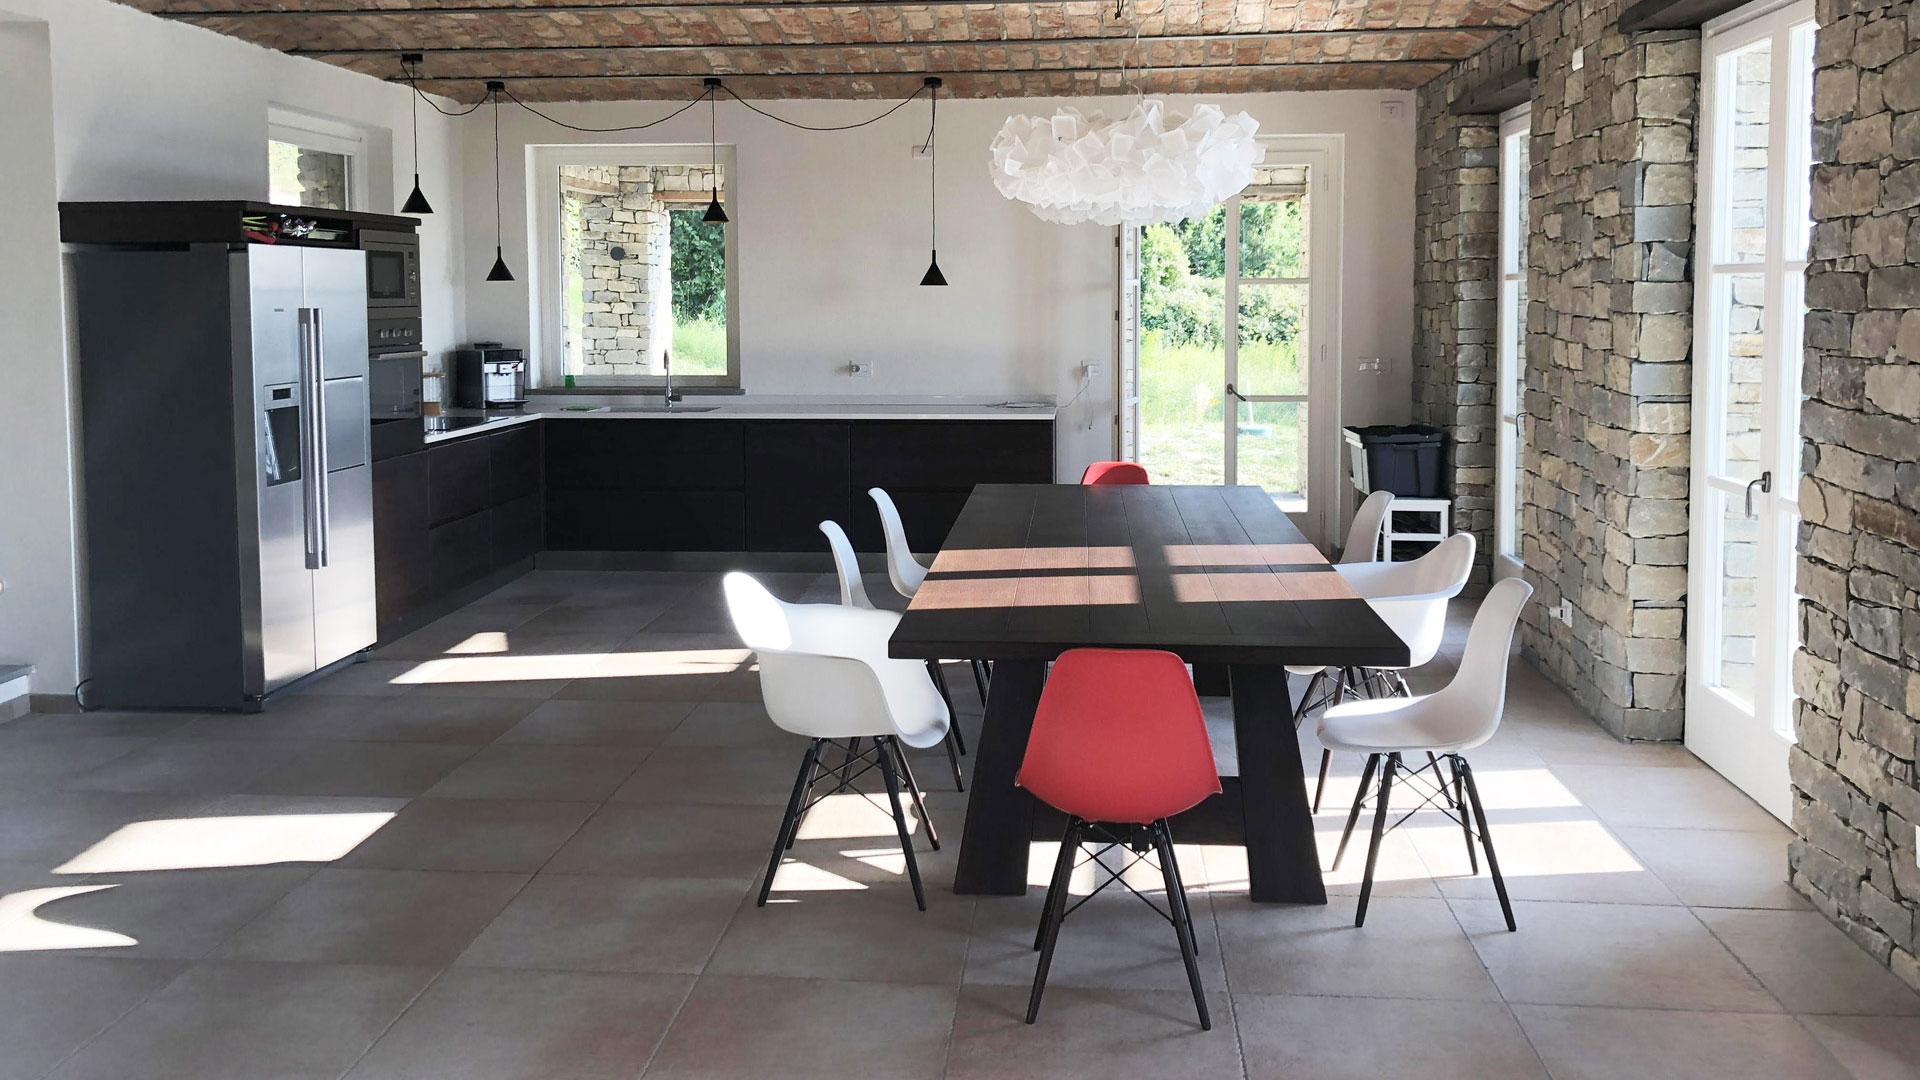 Arredamento Rustico Casa cerchi un arredamento in legno naturale?lo stile rustico